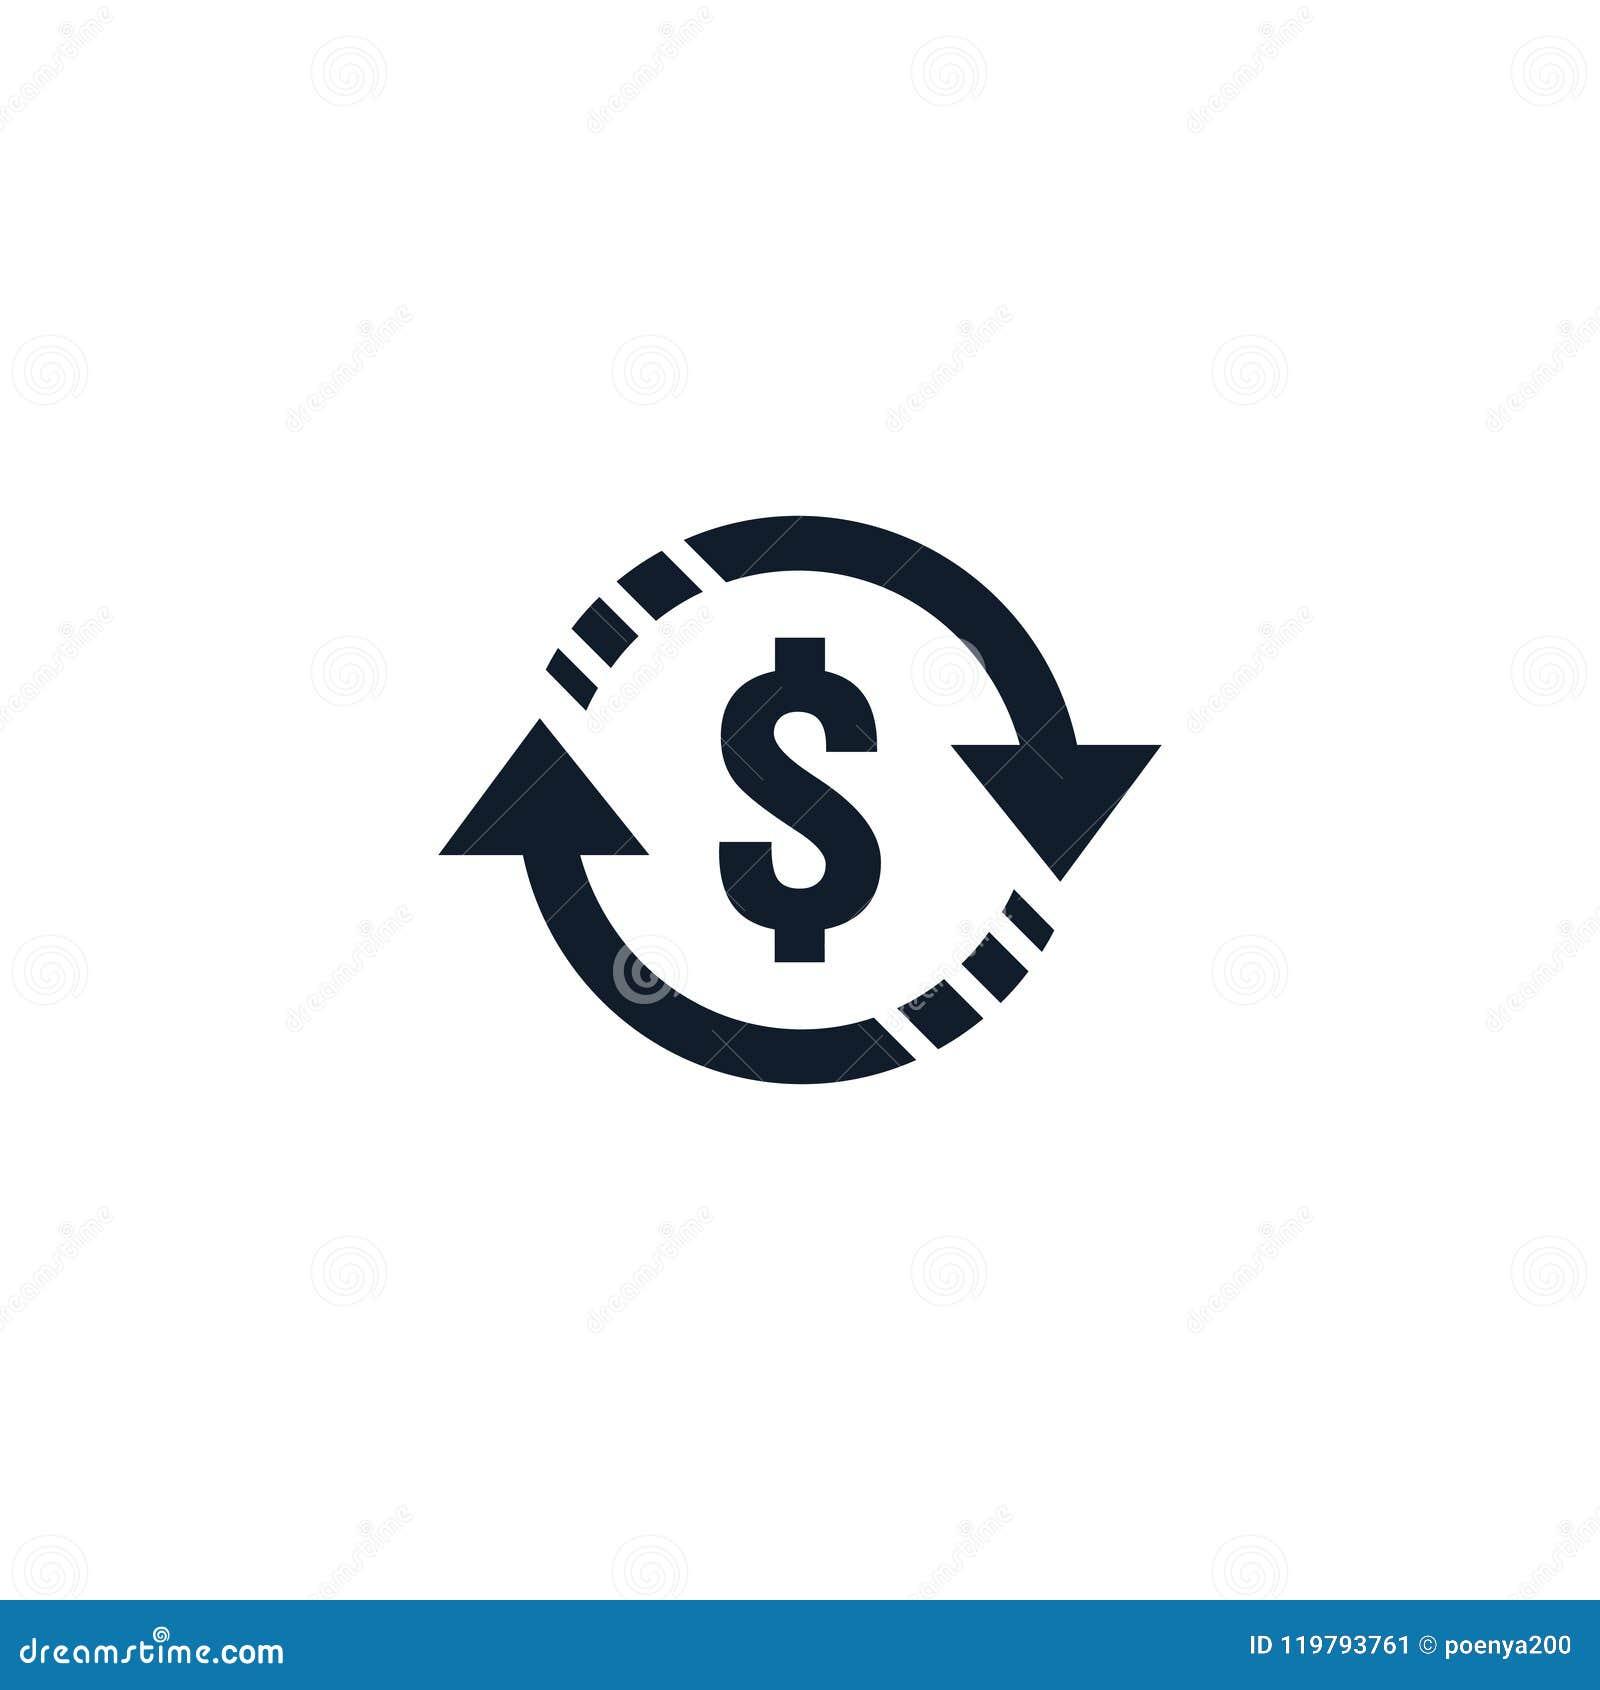 Símbolo do ícone de transferência de dinheiro a troca de moeda, serviço de investimento financeiro, reembolso traseiro do dinheir